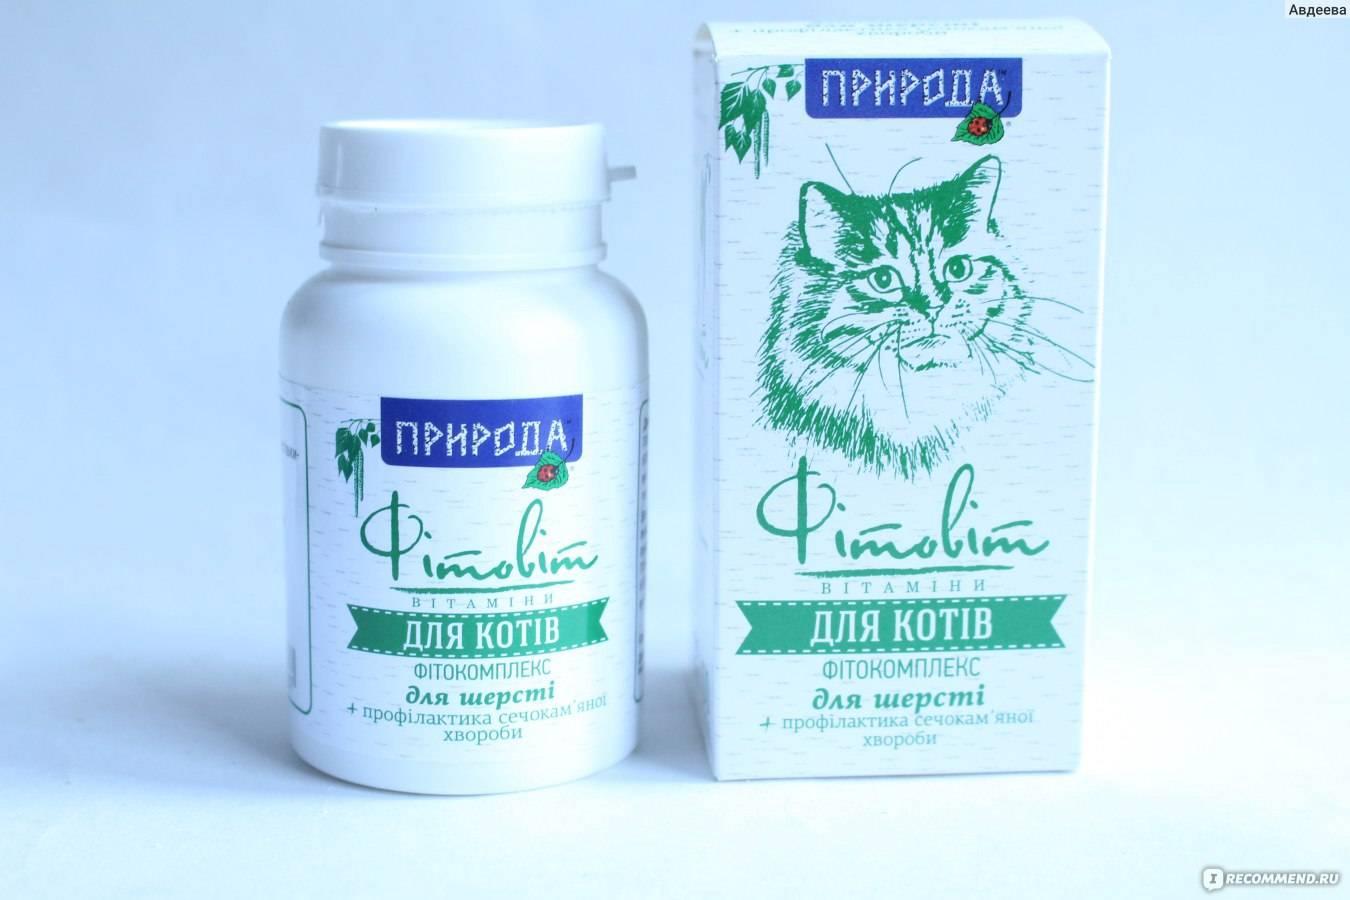 Лекарство порошок ветом 1.1 для кошек и собак инструкция для применения ветома 3 2 в ветеринарии дозировки как разводить и давать правила как принимать плюсы и минусы ветома 11